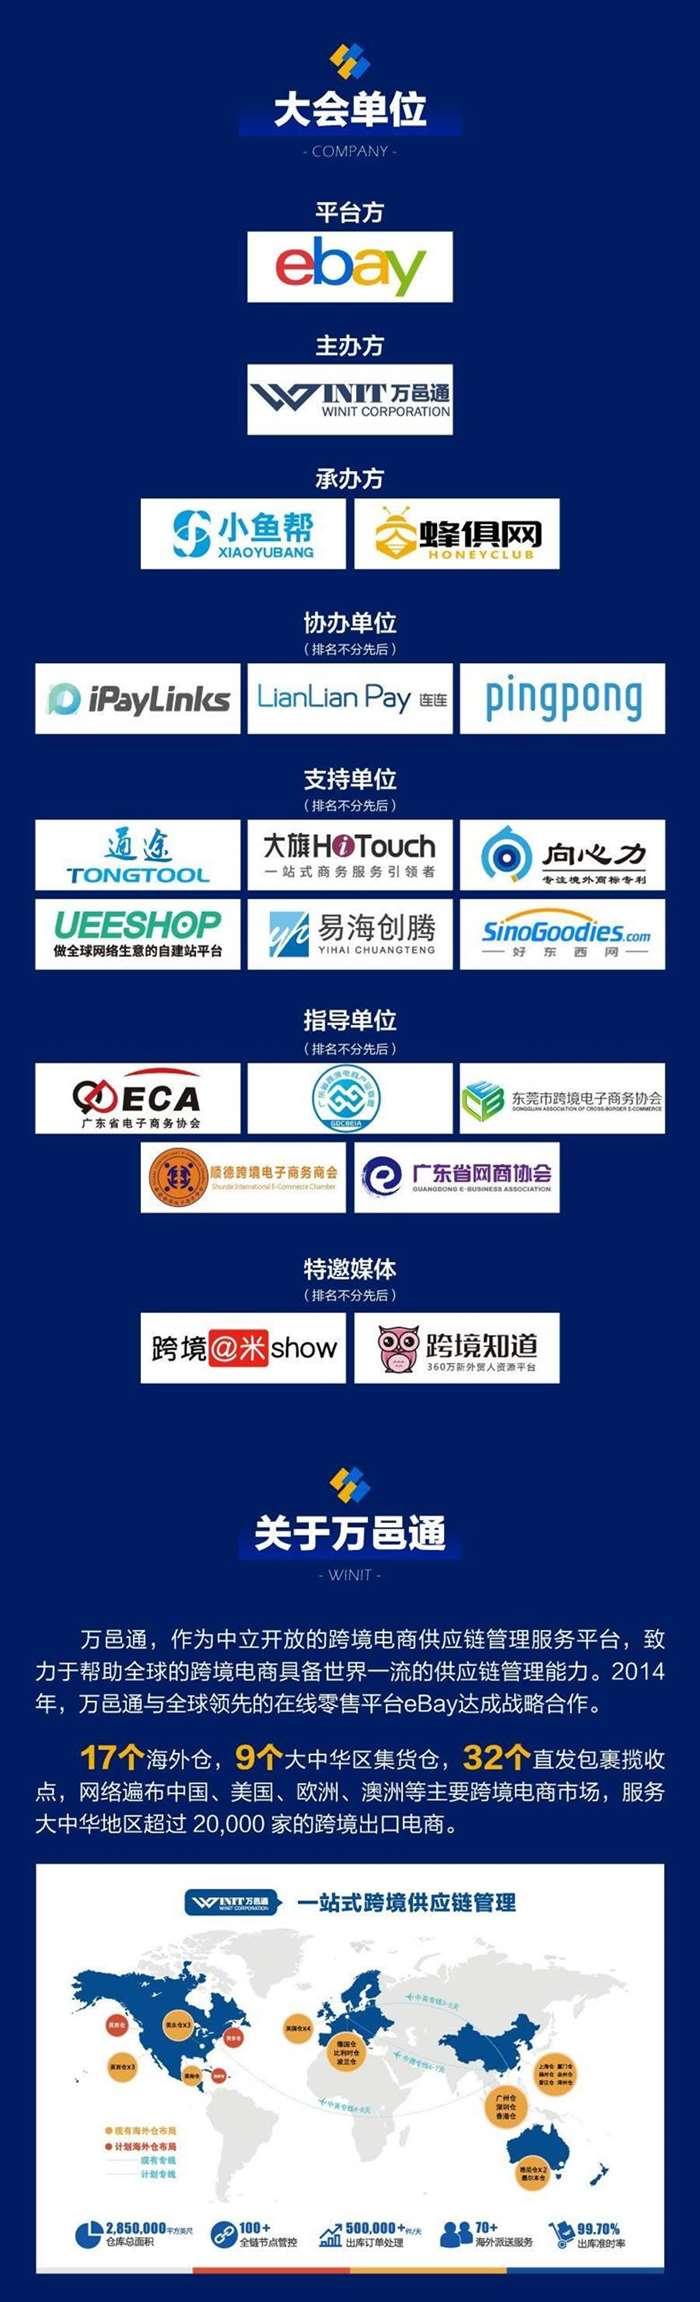 20190523eBay卖家大会广州站_6.png